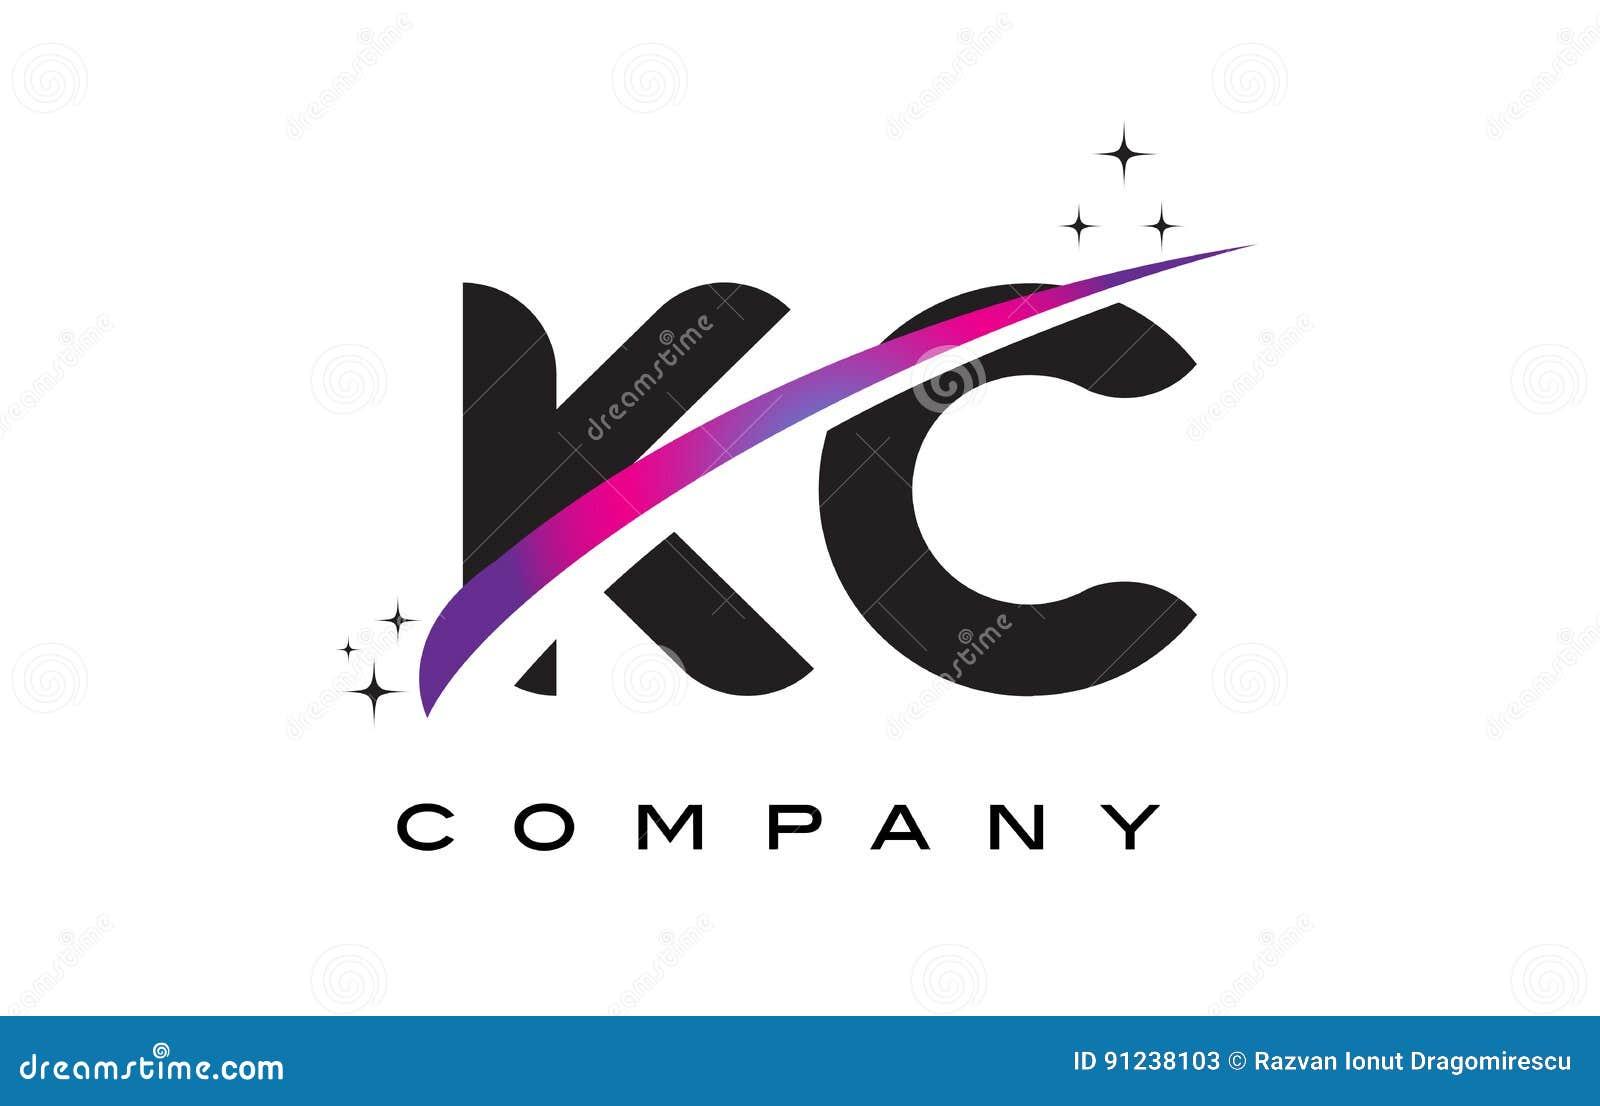 kc k c black letter logo design with purple magenta swoosh